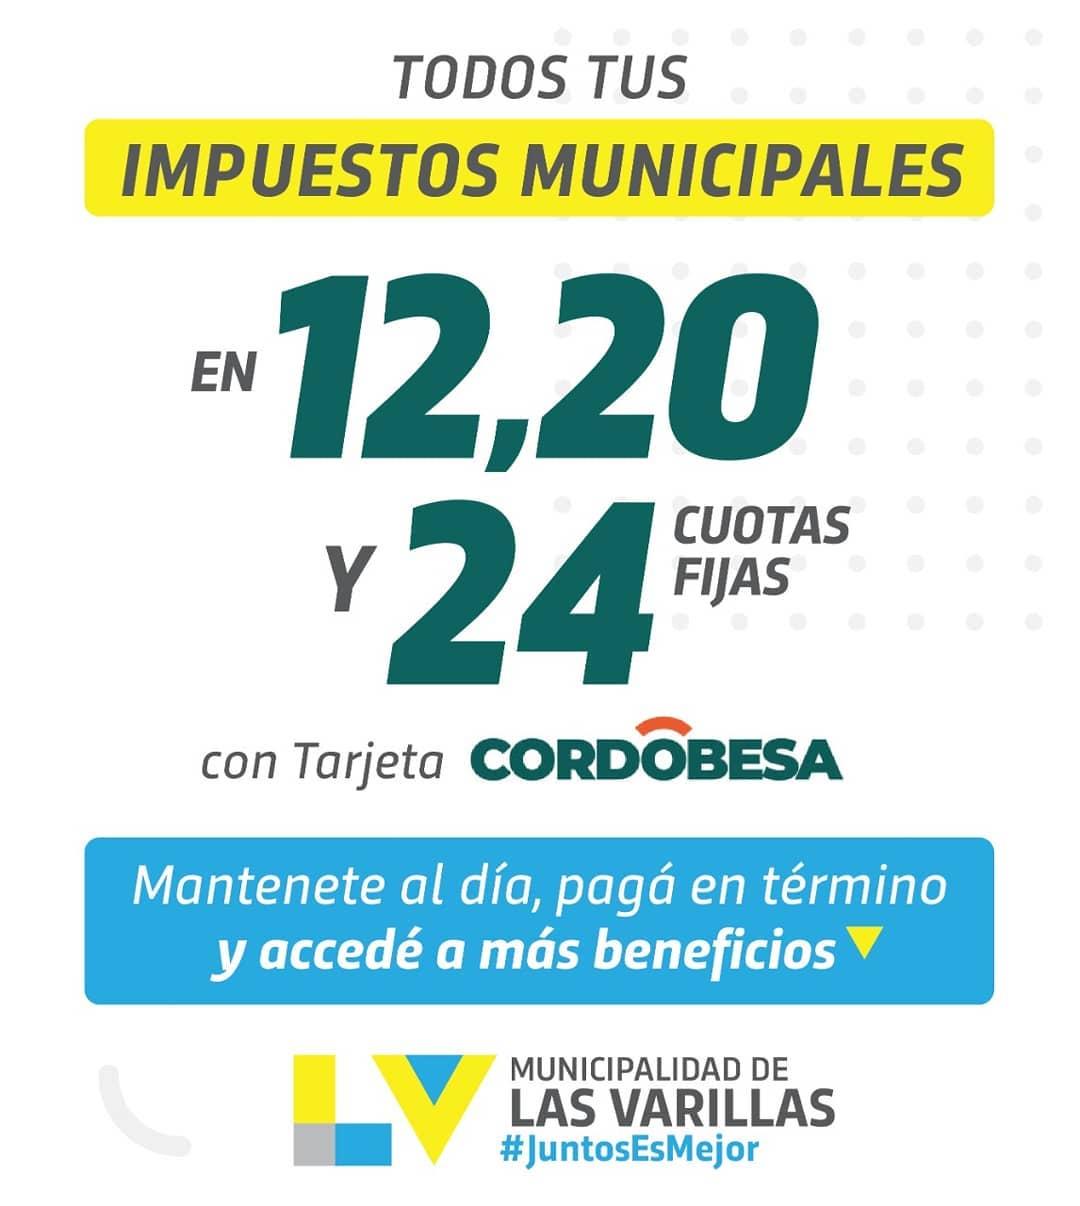 TUS IMPUESTOS MUNICIPALES EN 24 CUOTAS FIJAS